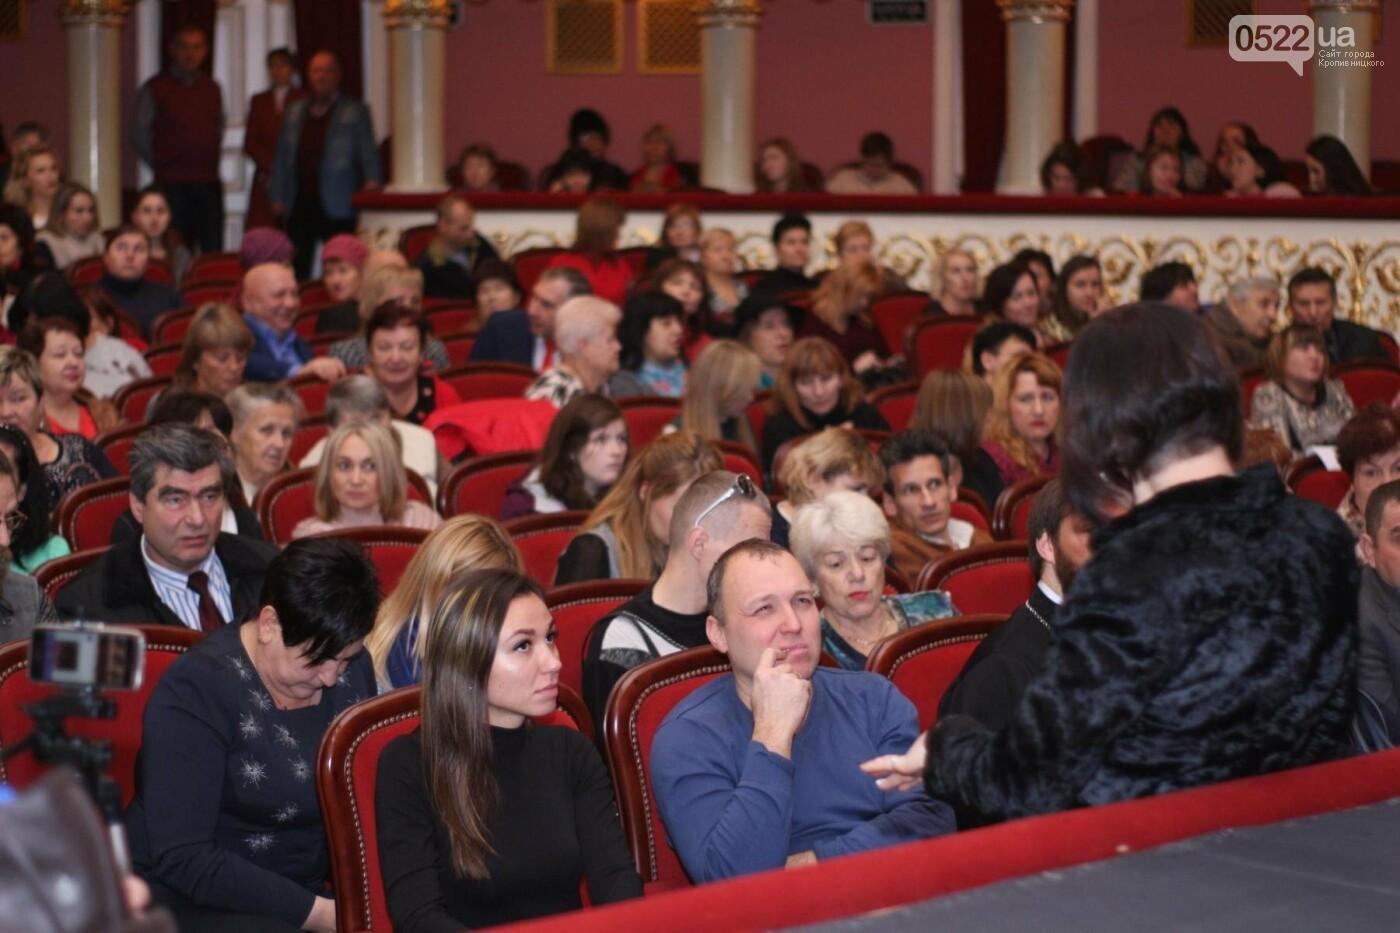 Урочистості до Міжнародного дня людей з інвалідністю відбулися у Кропивницькому, фото-32